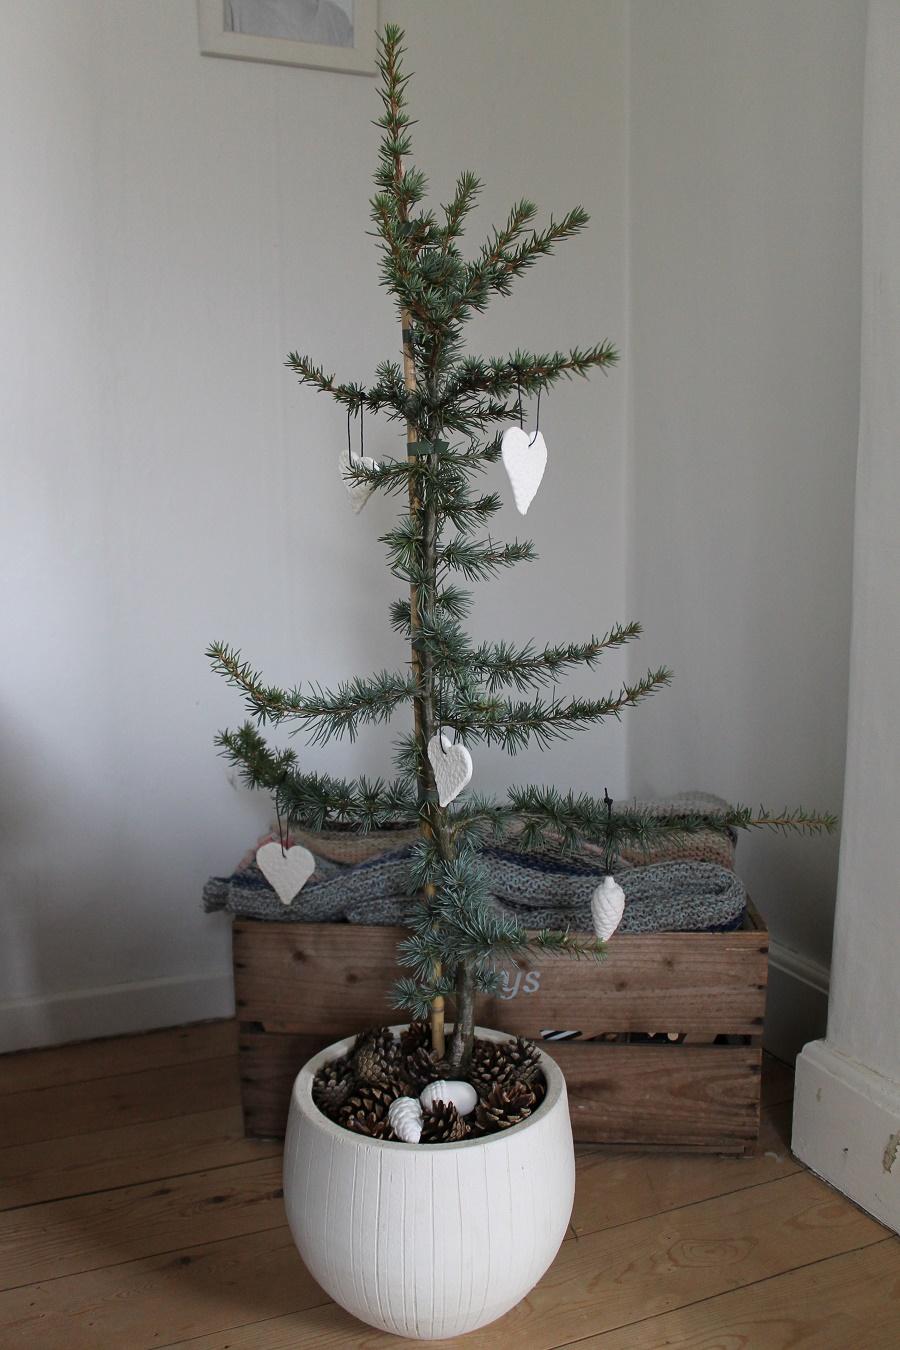 køb cedertræ i potte